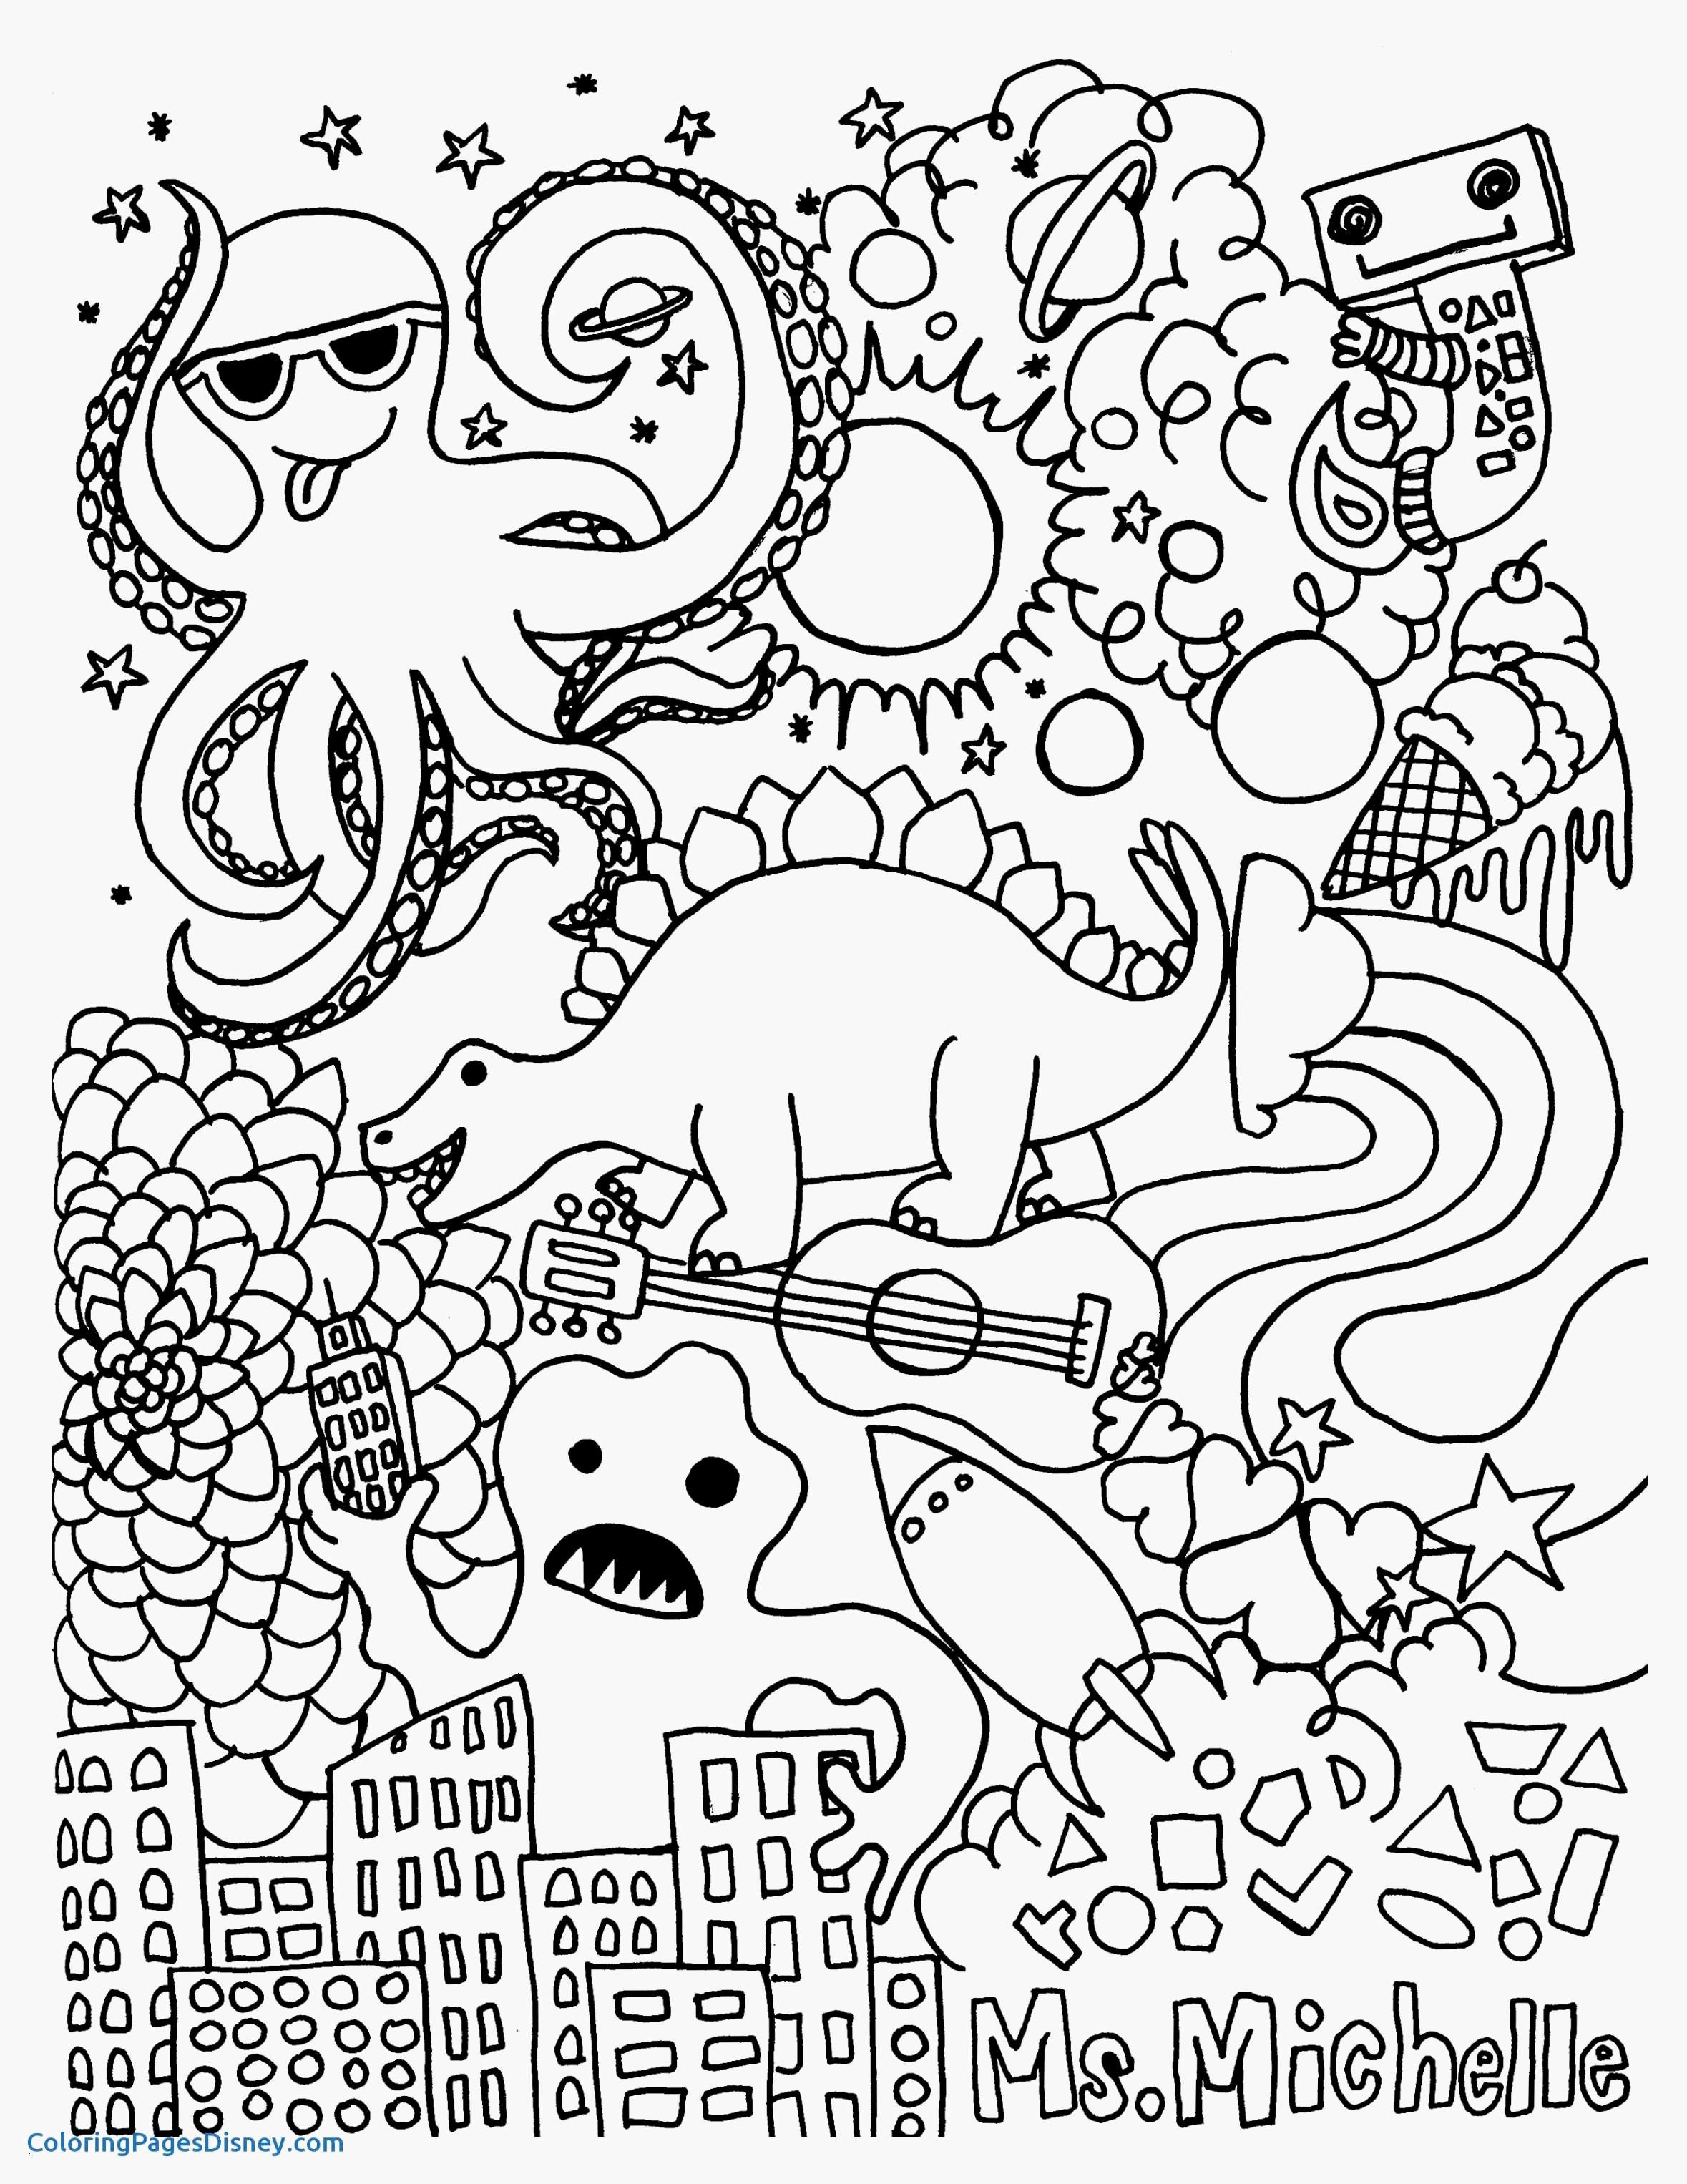 Kleeblatt Zum Ausdrucken Neu Kleeblatt Vorlage Ausdrucken 82 Besten Bastelkram Bilder Auf Das Bild